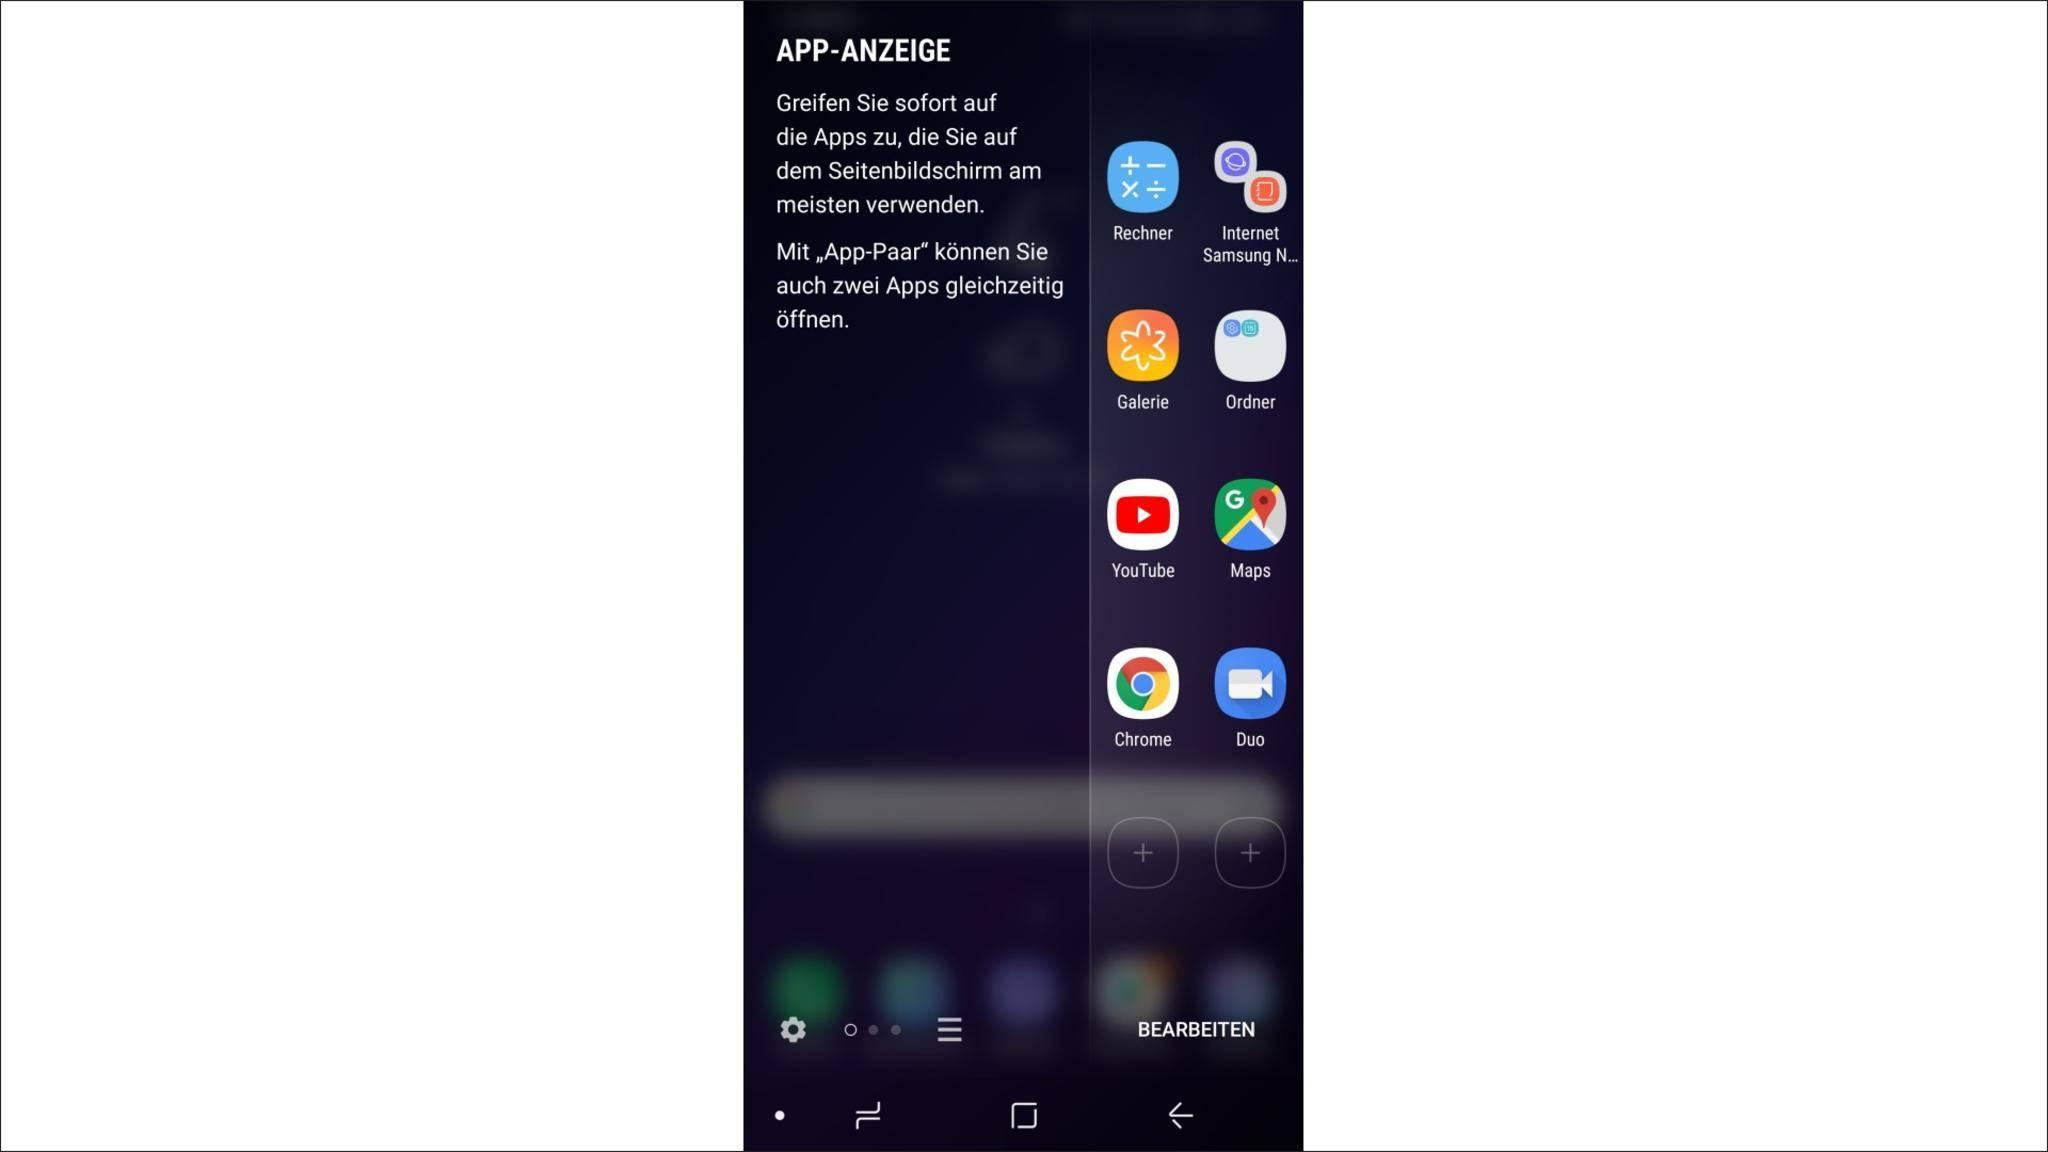 Der Seitenbildschirm lässt sich für den Schnellzugriff auf Apps nutzen.